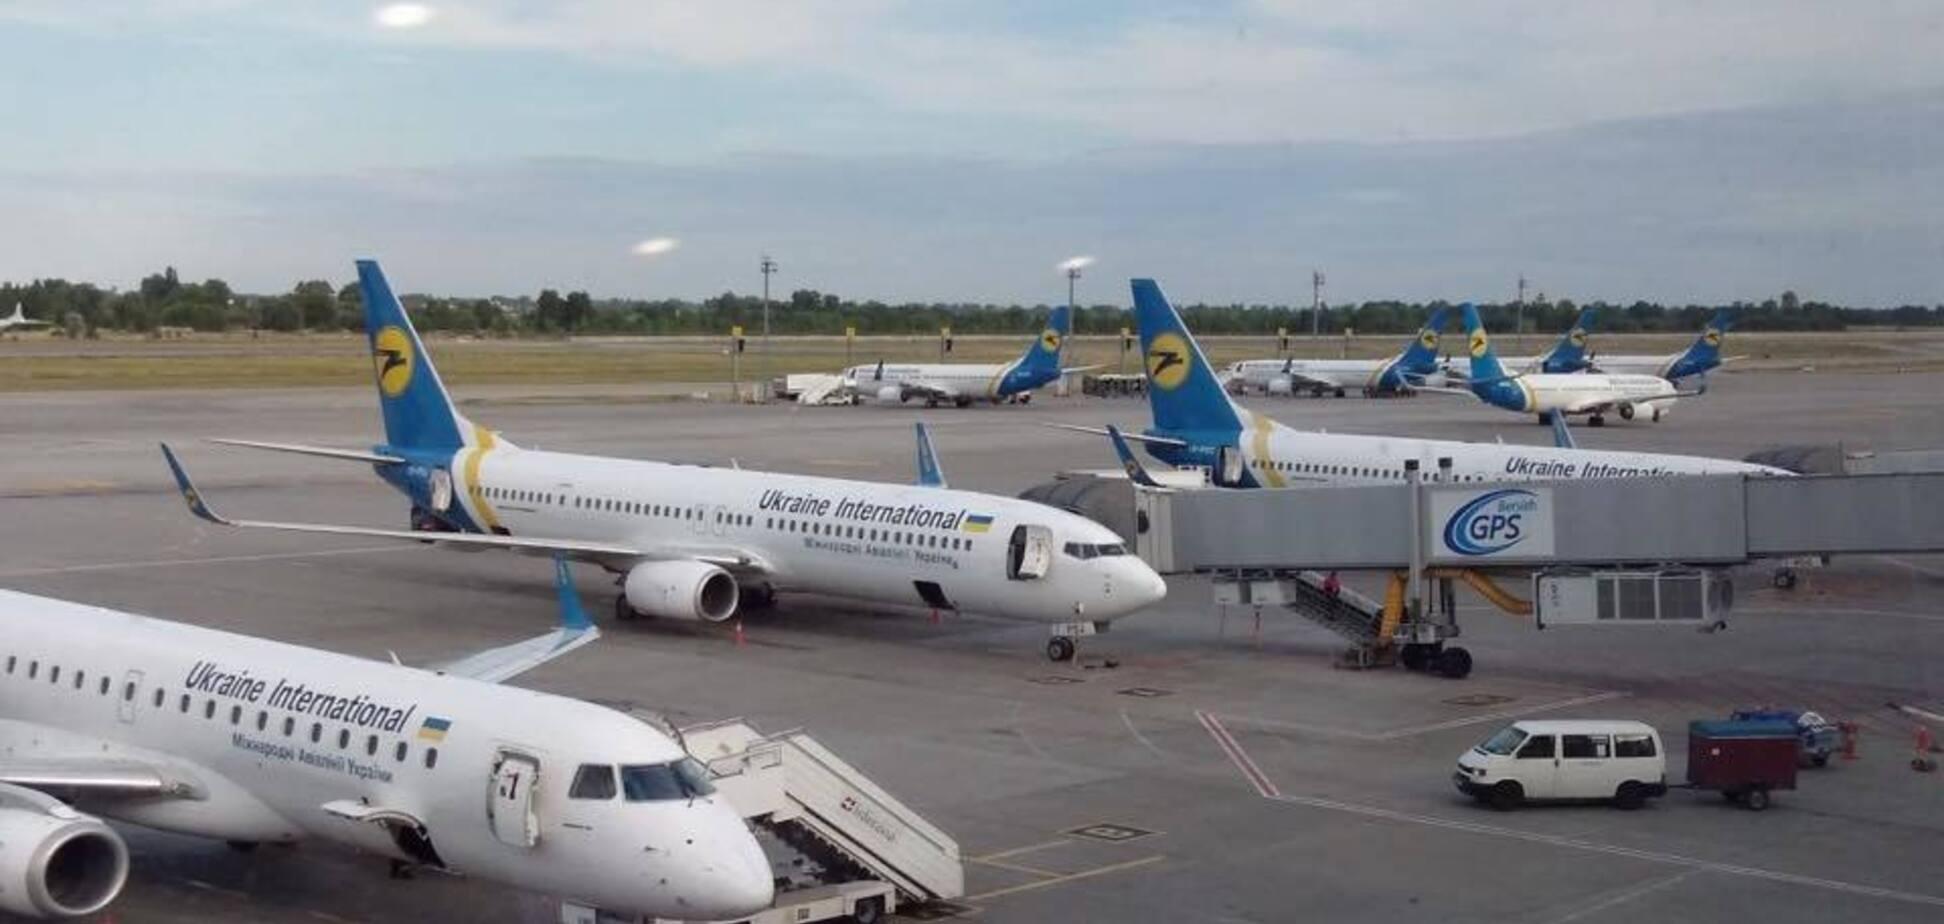 Збагатилися на 10 млн: співробітників МАУ спіймали на привласненні грошей аеропорту ''Бориспіль''